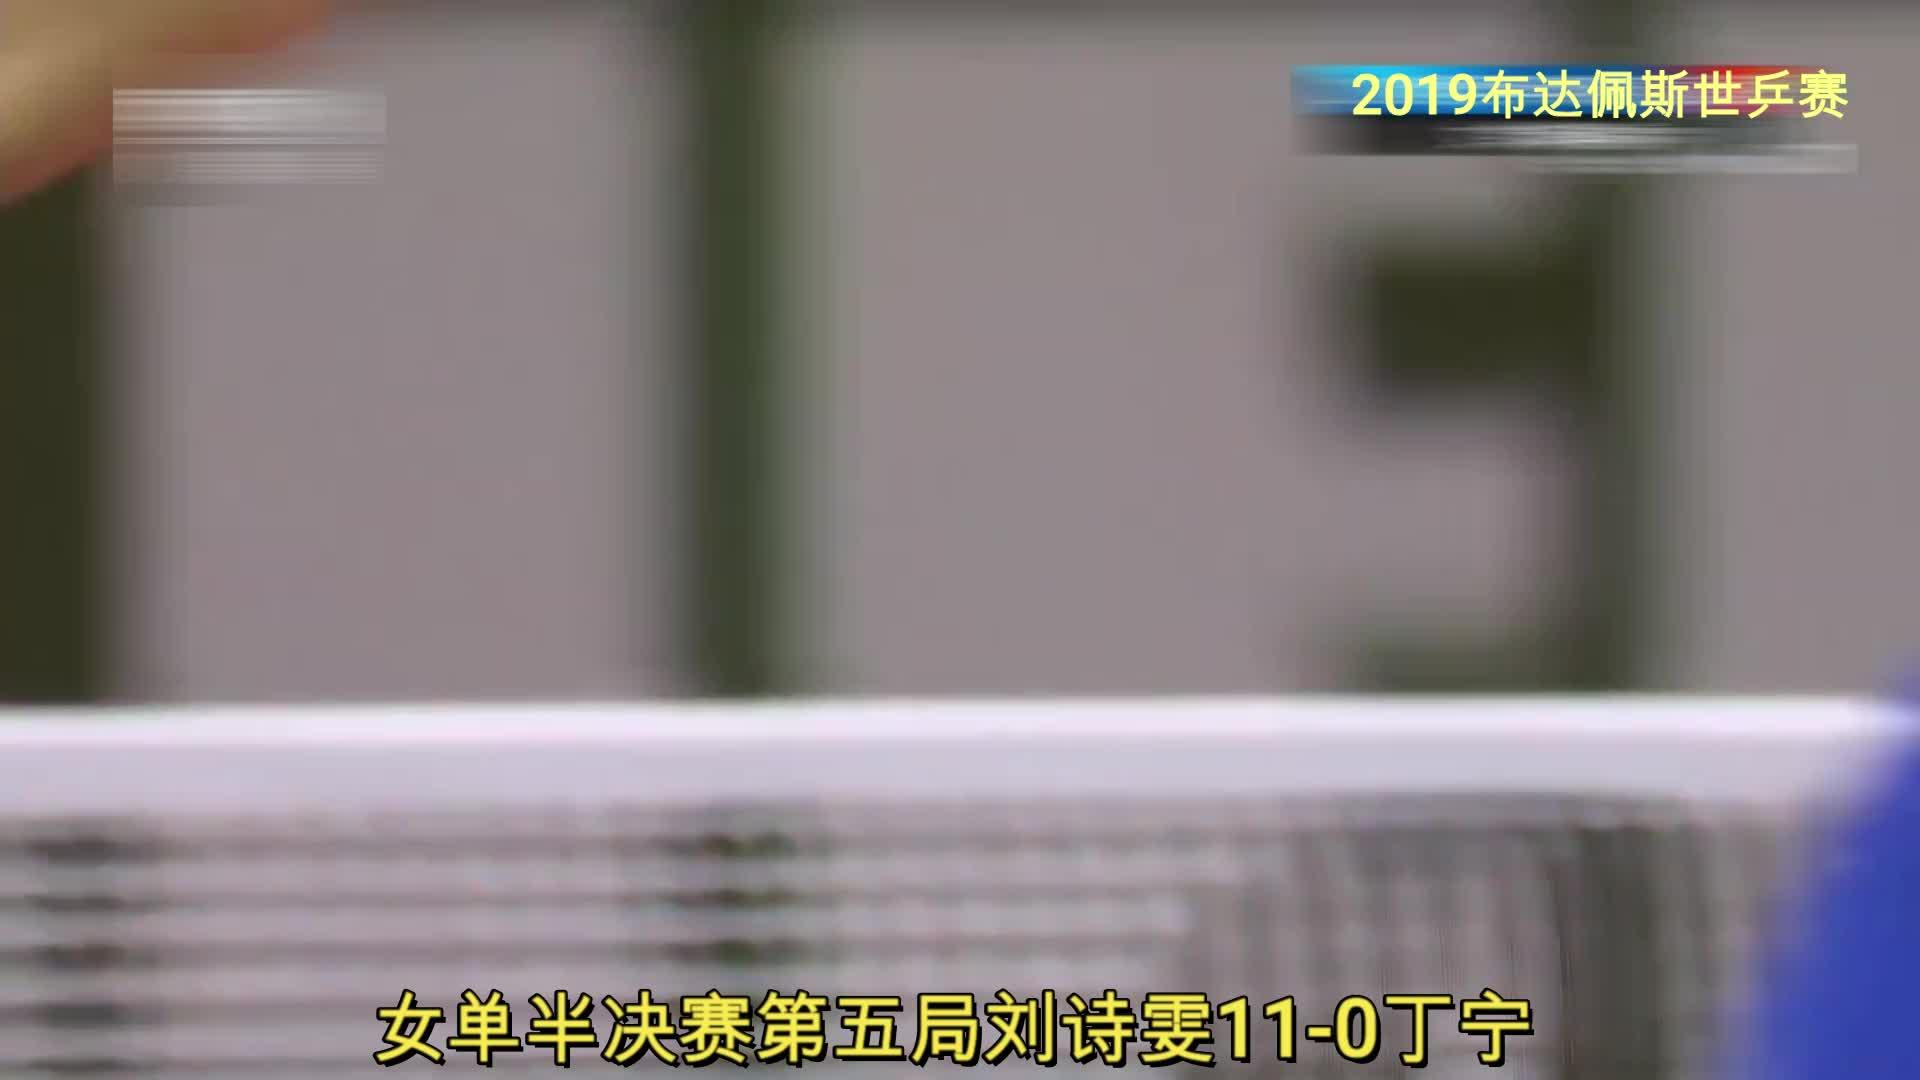 决赛11-0横扫队友!刘诗雯太狠,国乒正式打破让球不成文规定